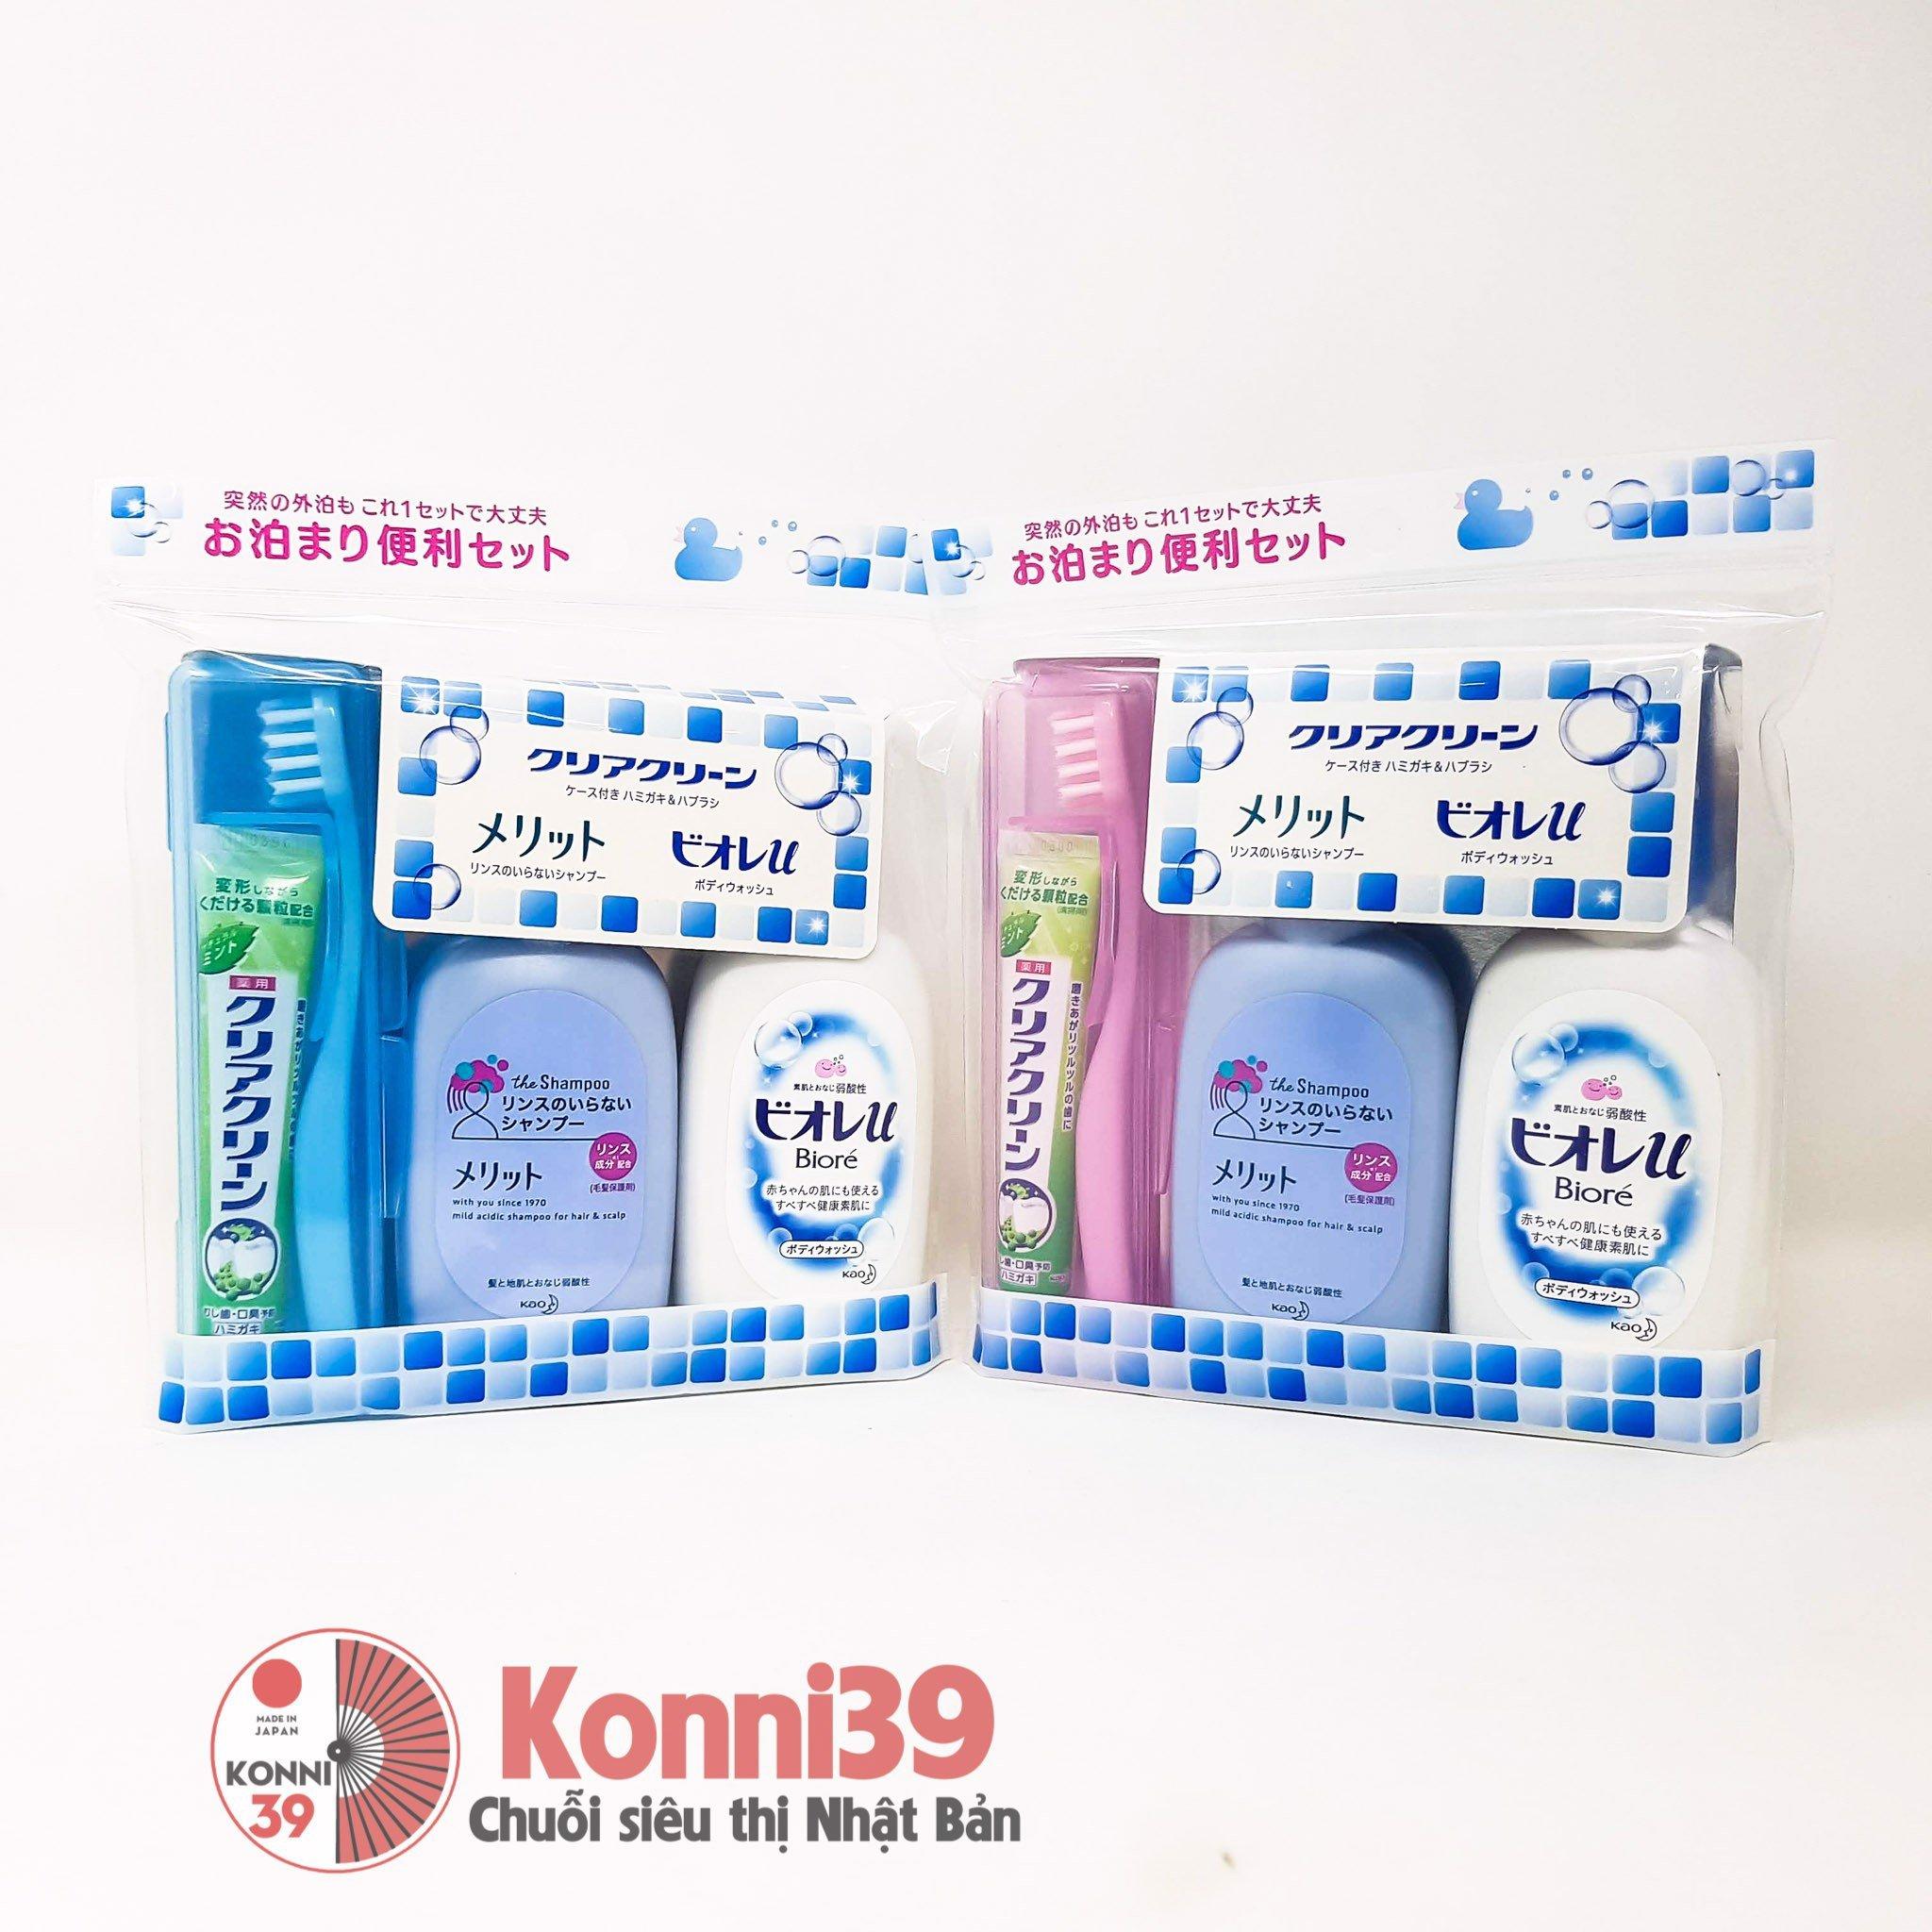 Set du lịch KAO Merit Biore U (Gội, tắm, bàn chải kèm kem đánh răng)